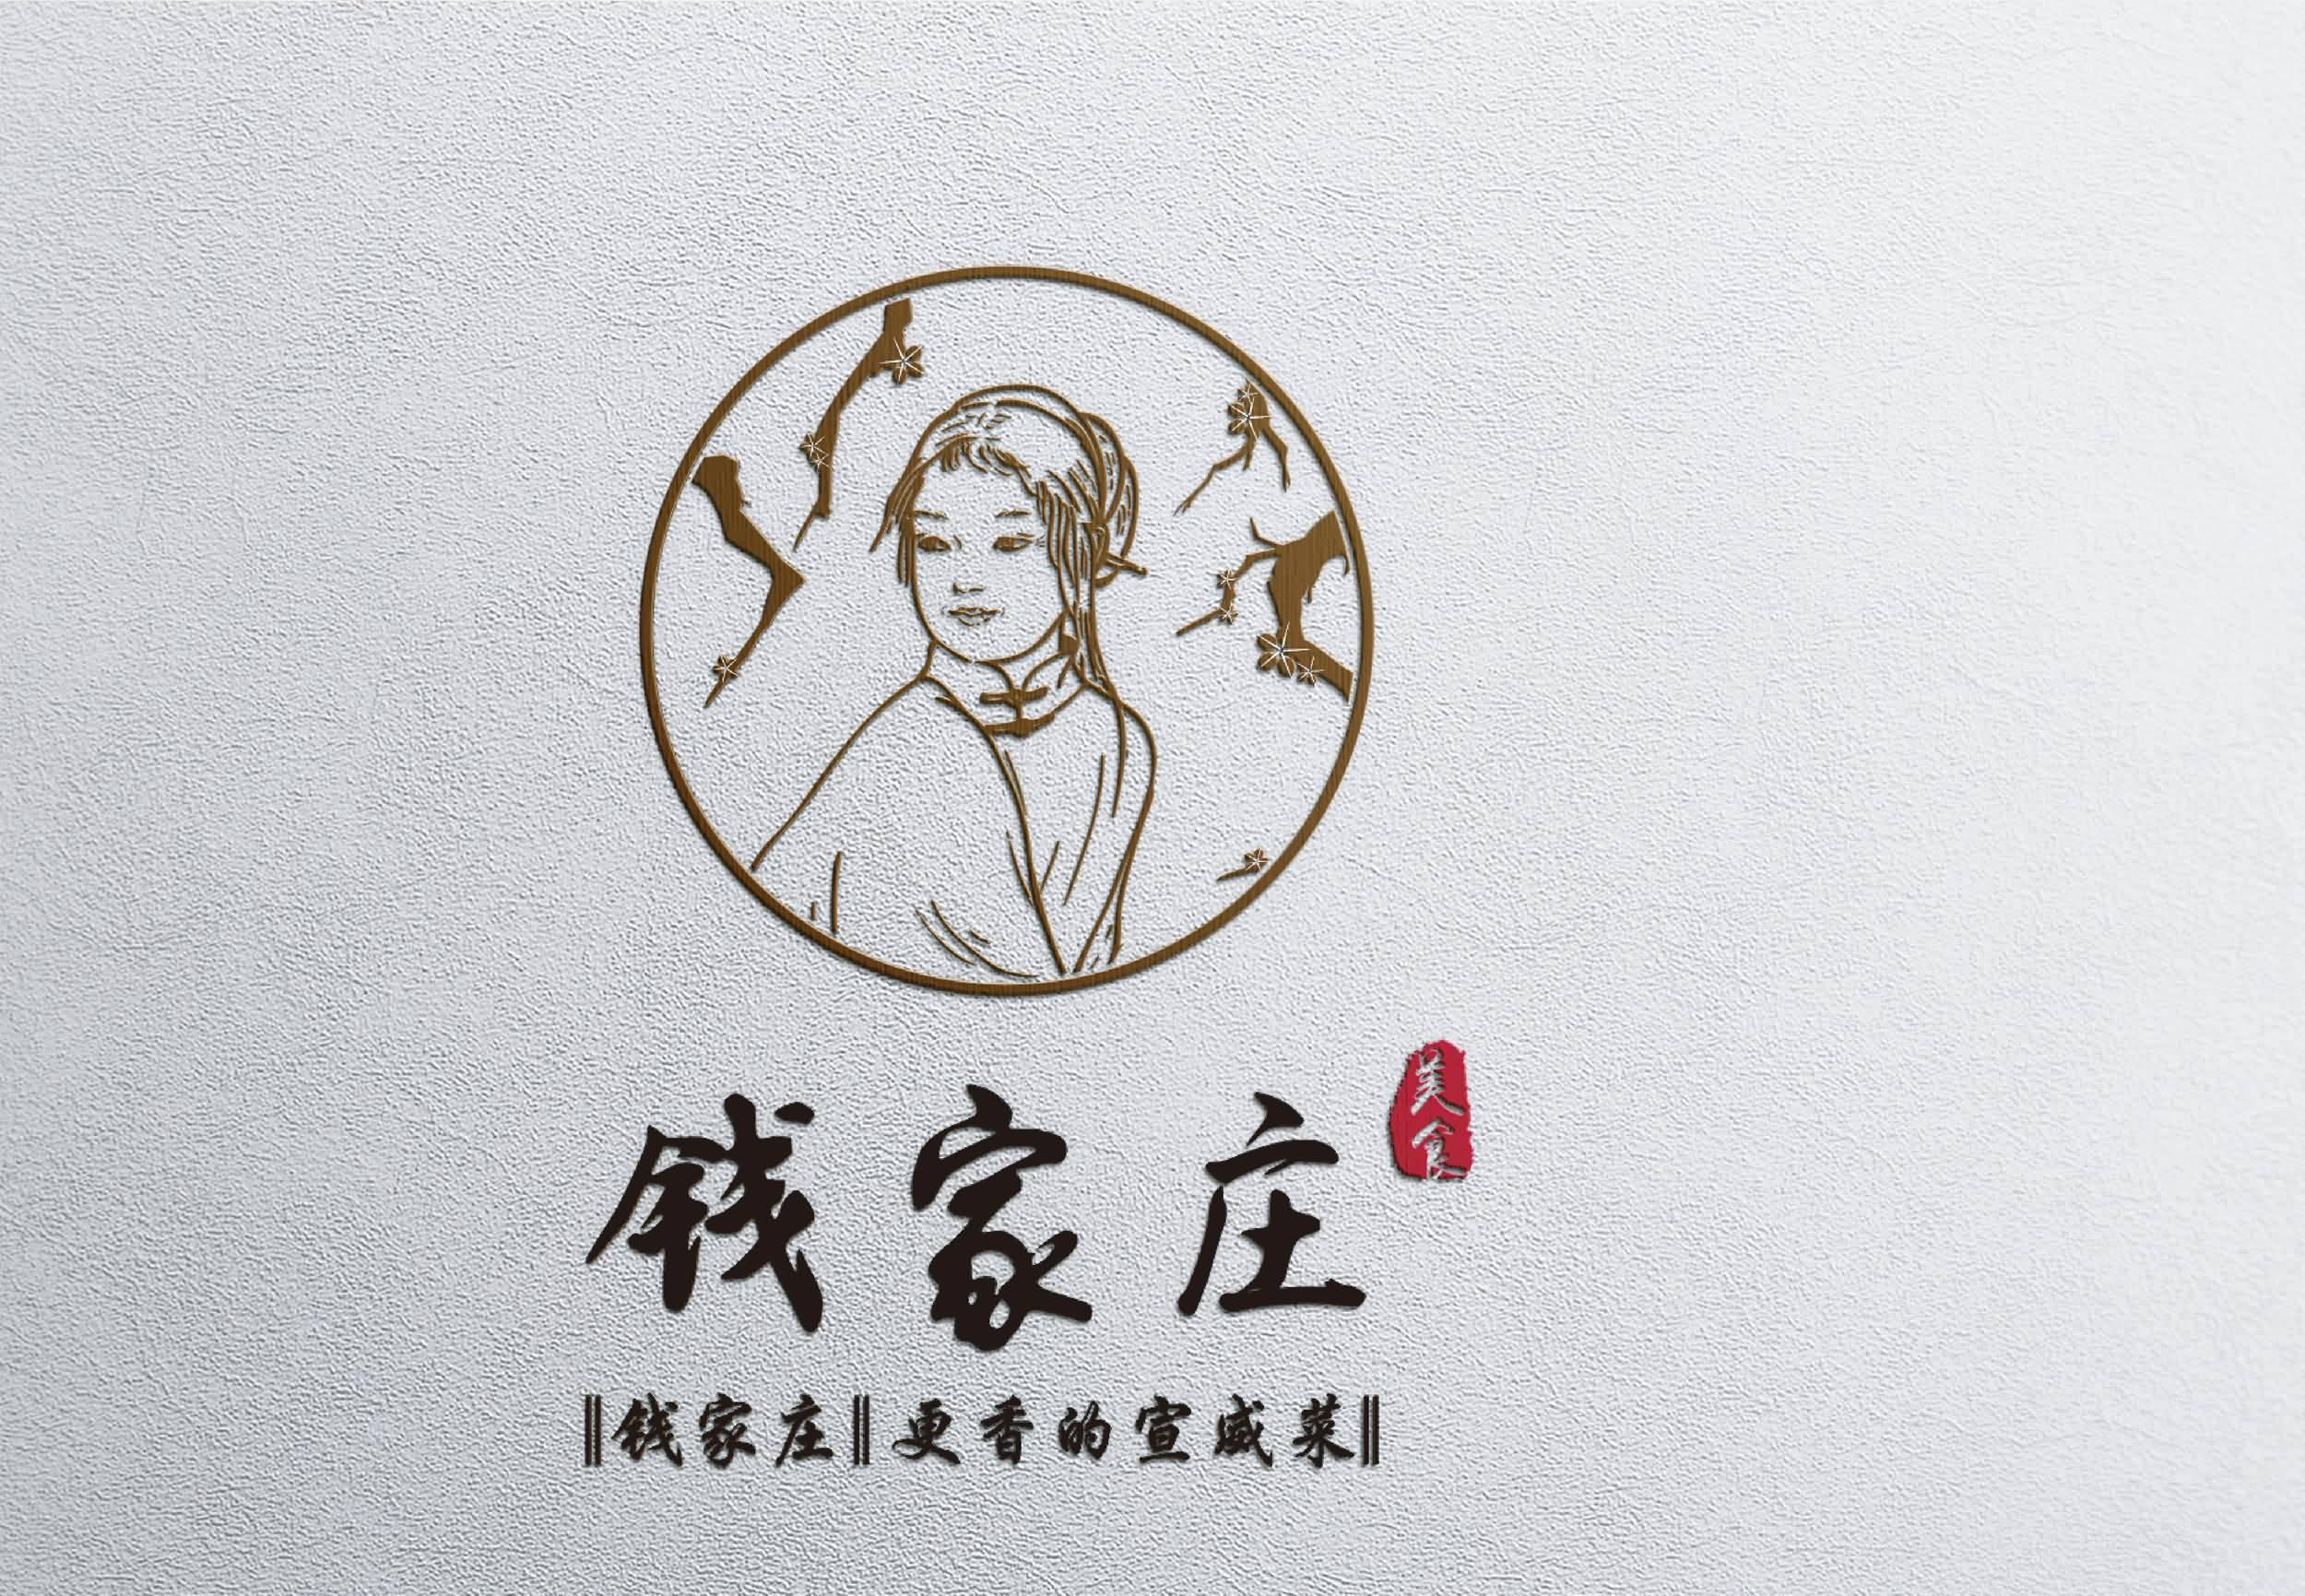 昆明市官渡区钱家庄饭店2